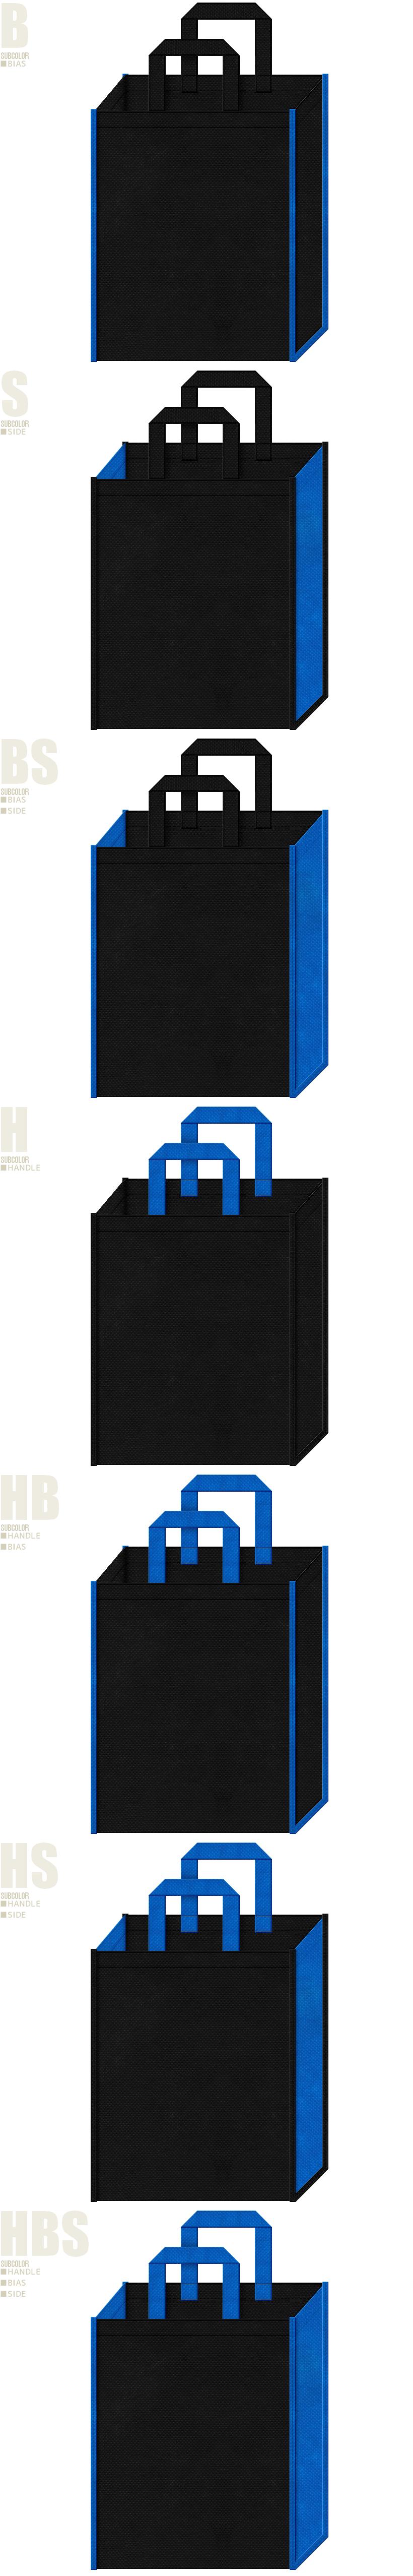 不織布バッグのデザイン:不織布メインカラーNo.9+サブカラーNo.22の2色7パターン